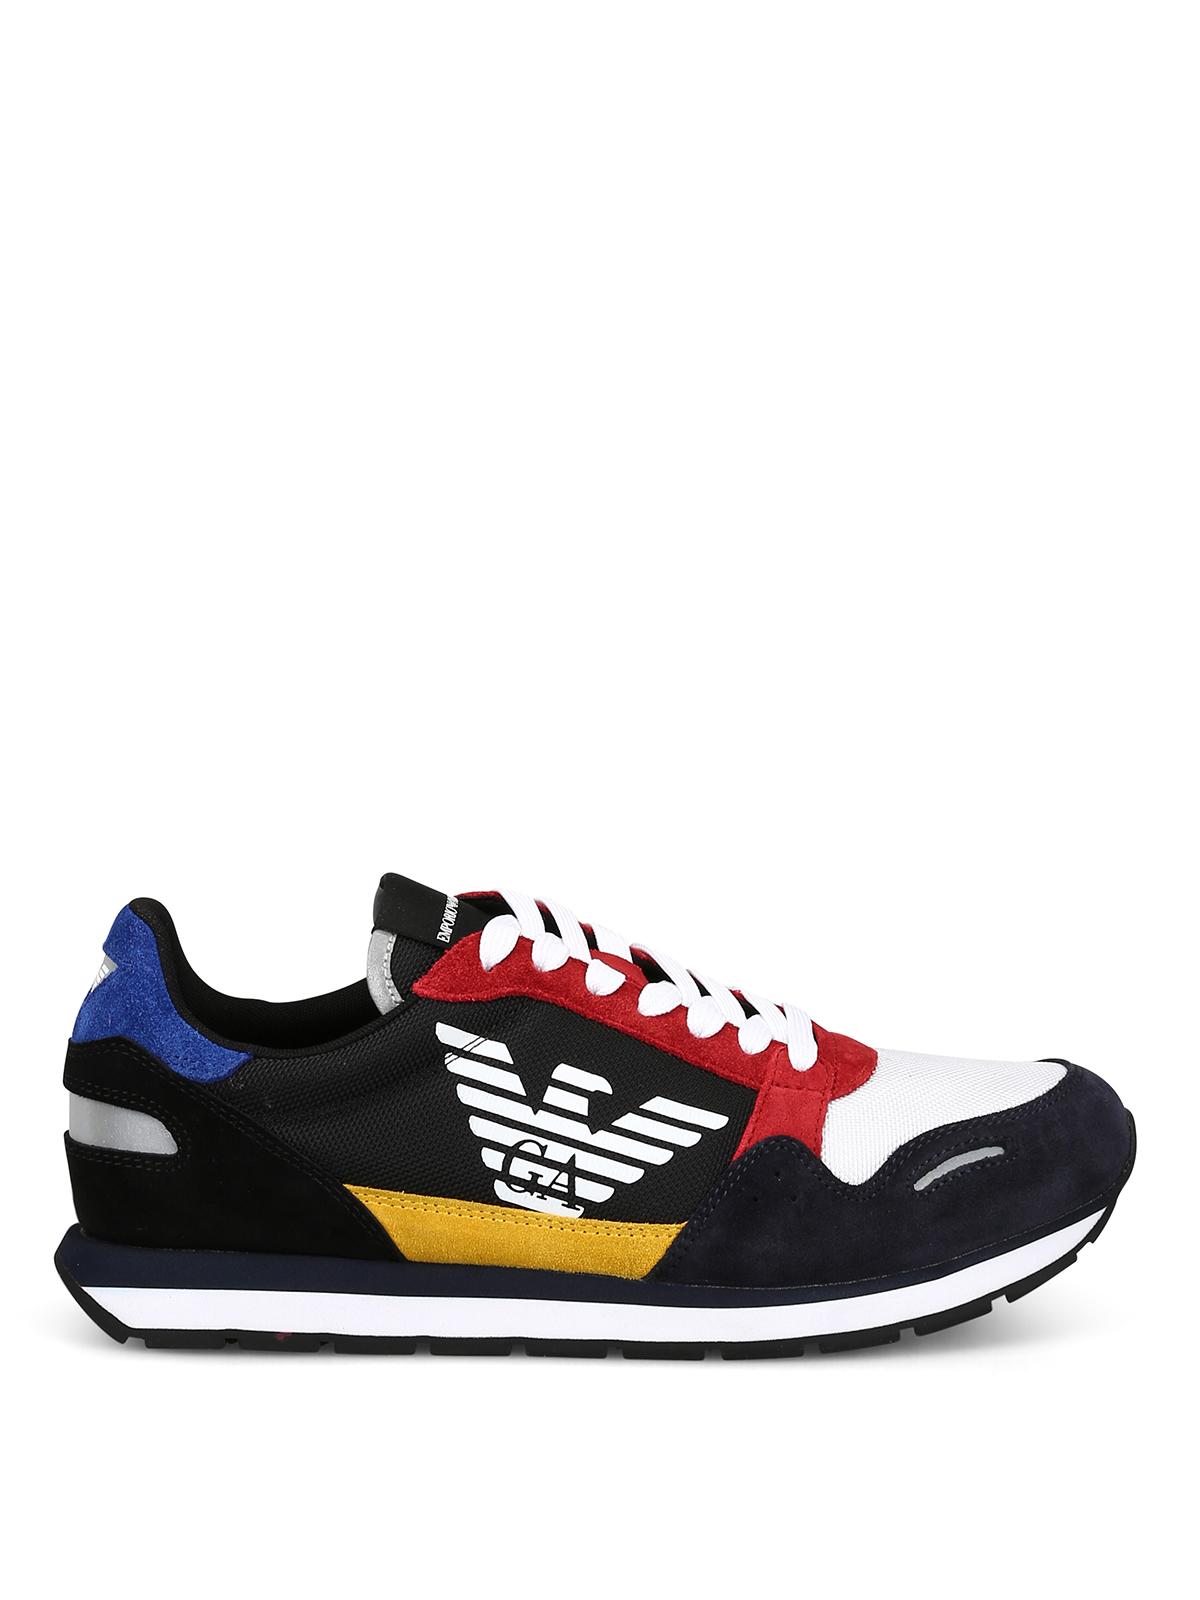 Navy black suede runner sneakers